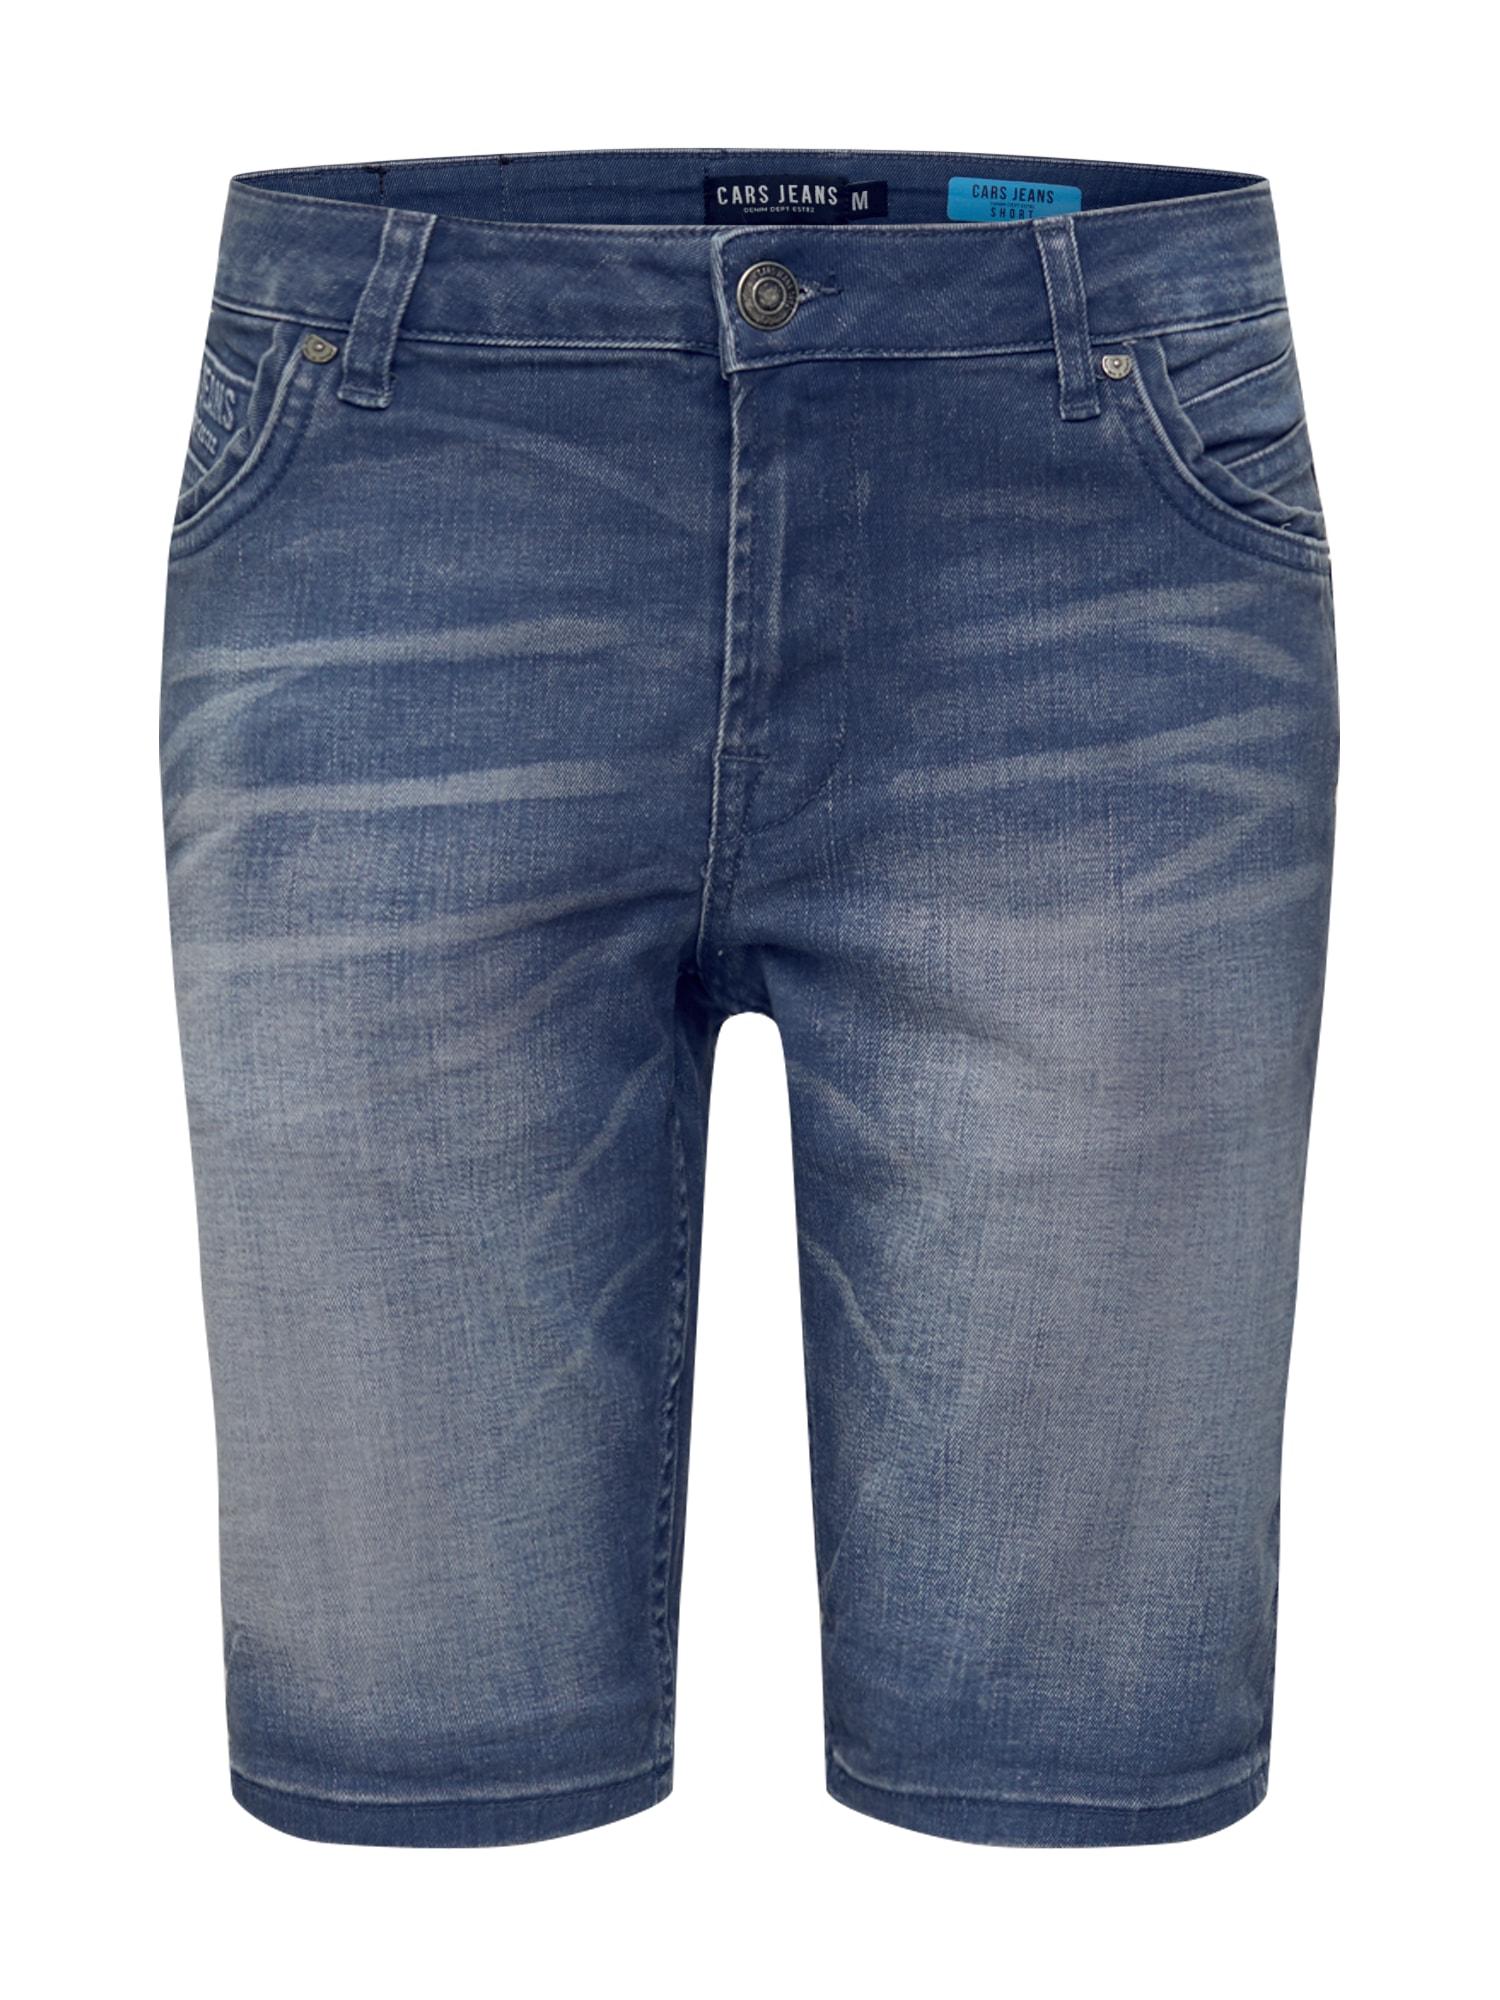 Cars Jeans Džinsai 'HENRY' pilko džinso / mėlyna